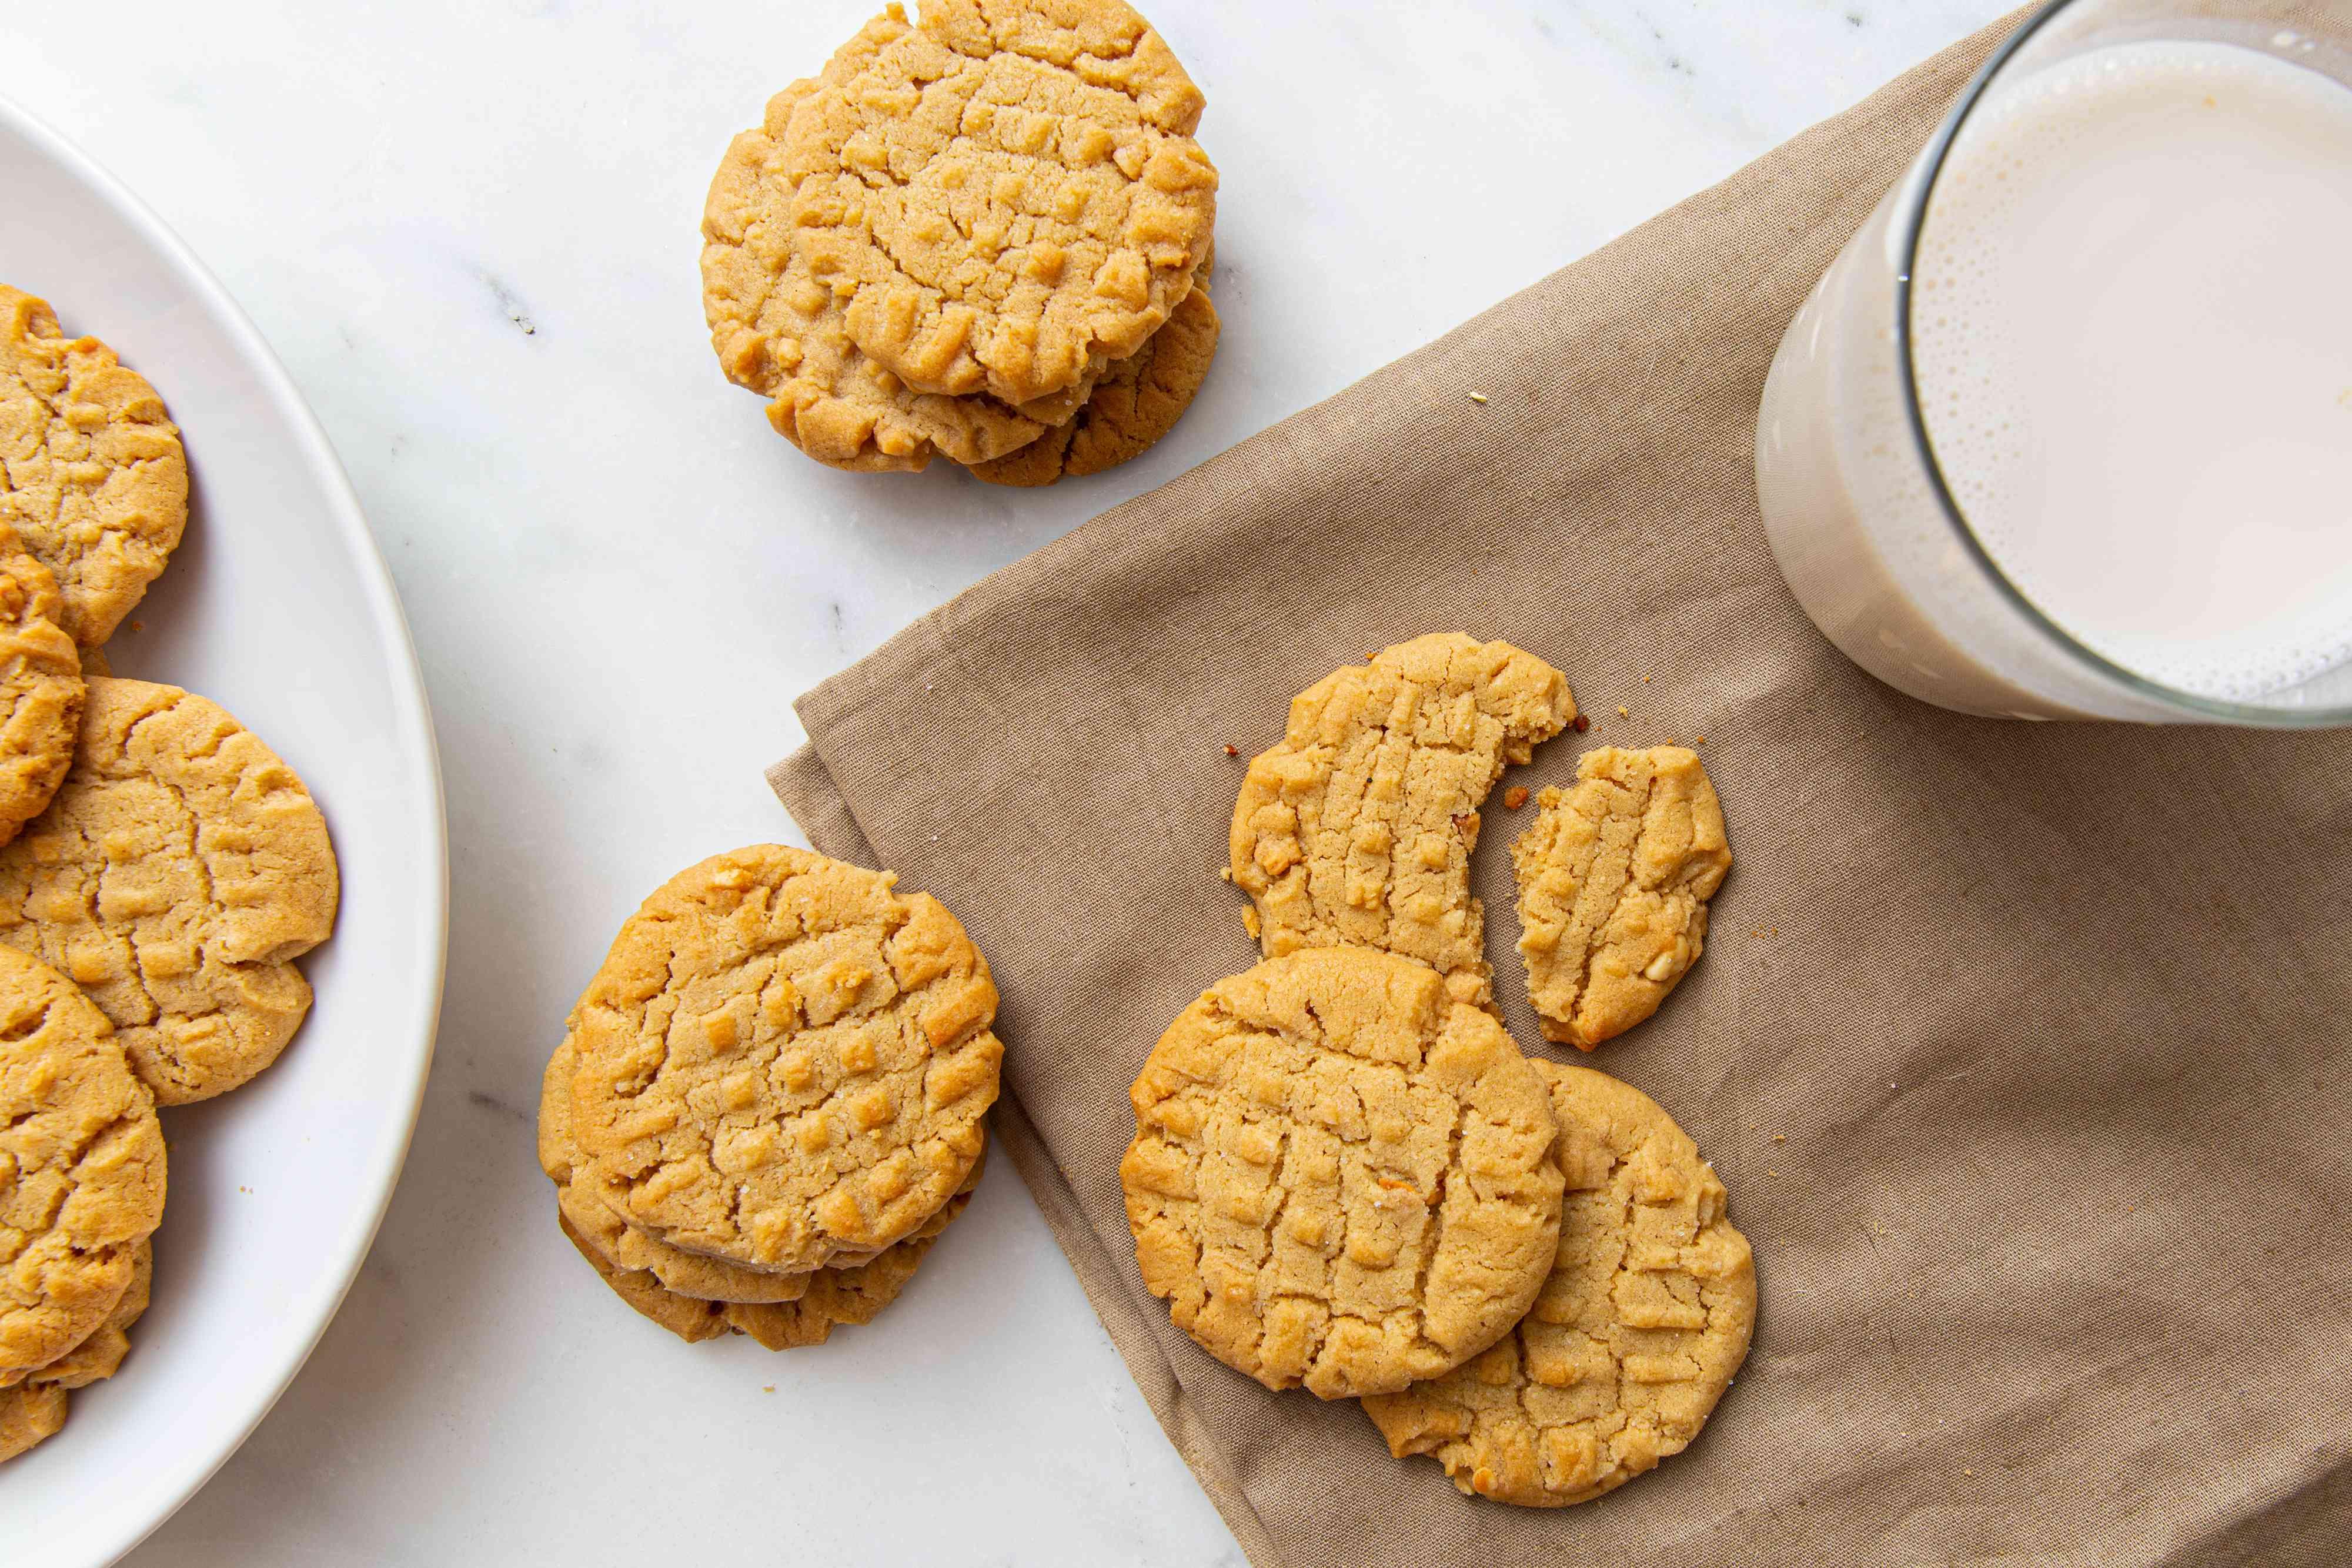 Crunchy Peanut Butter Cookies, glass of milk